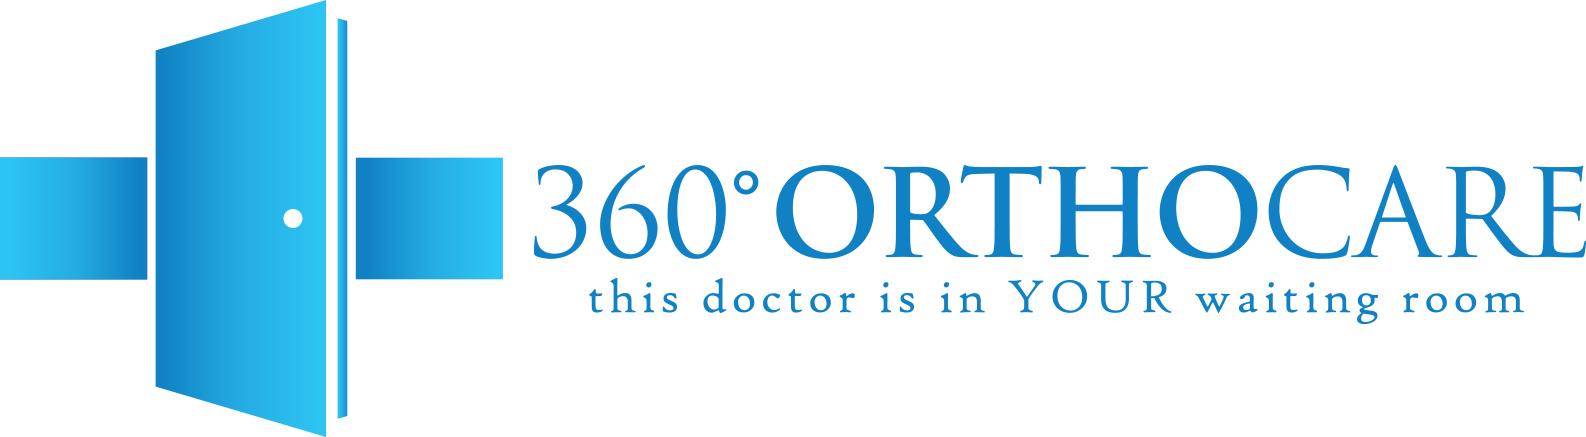 orhtocare.jpg